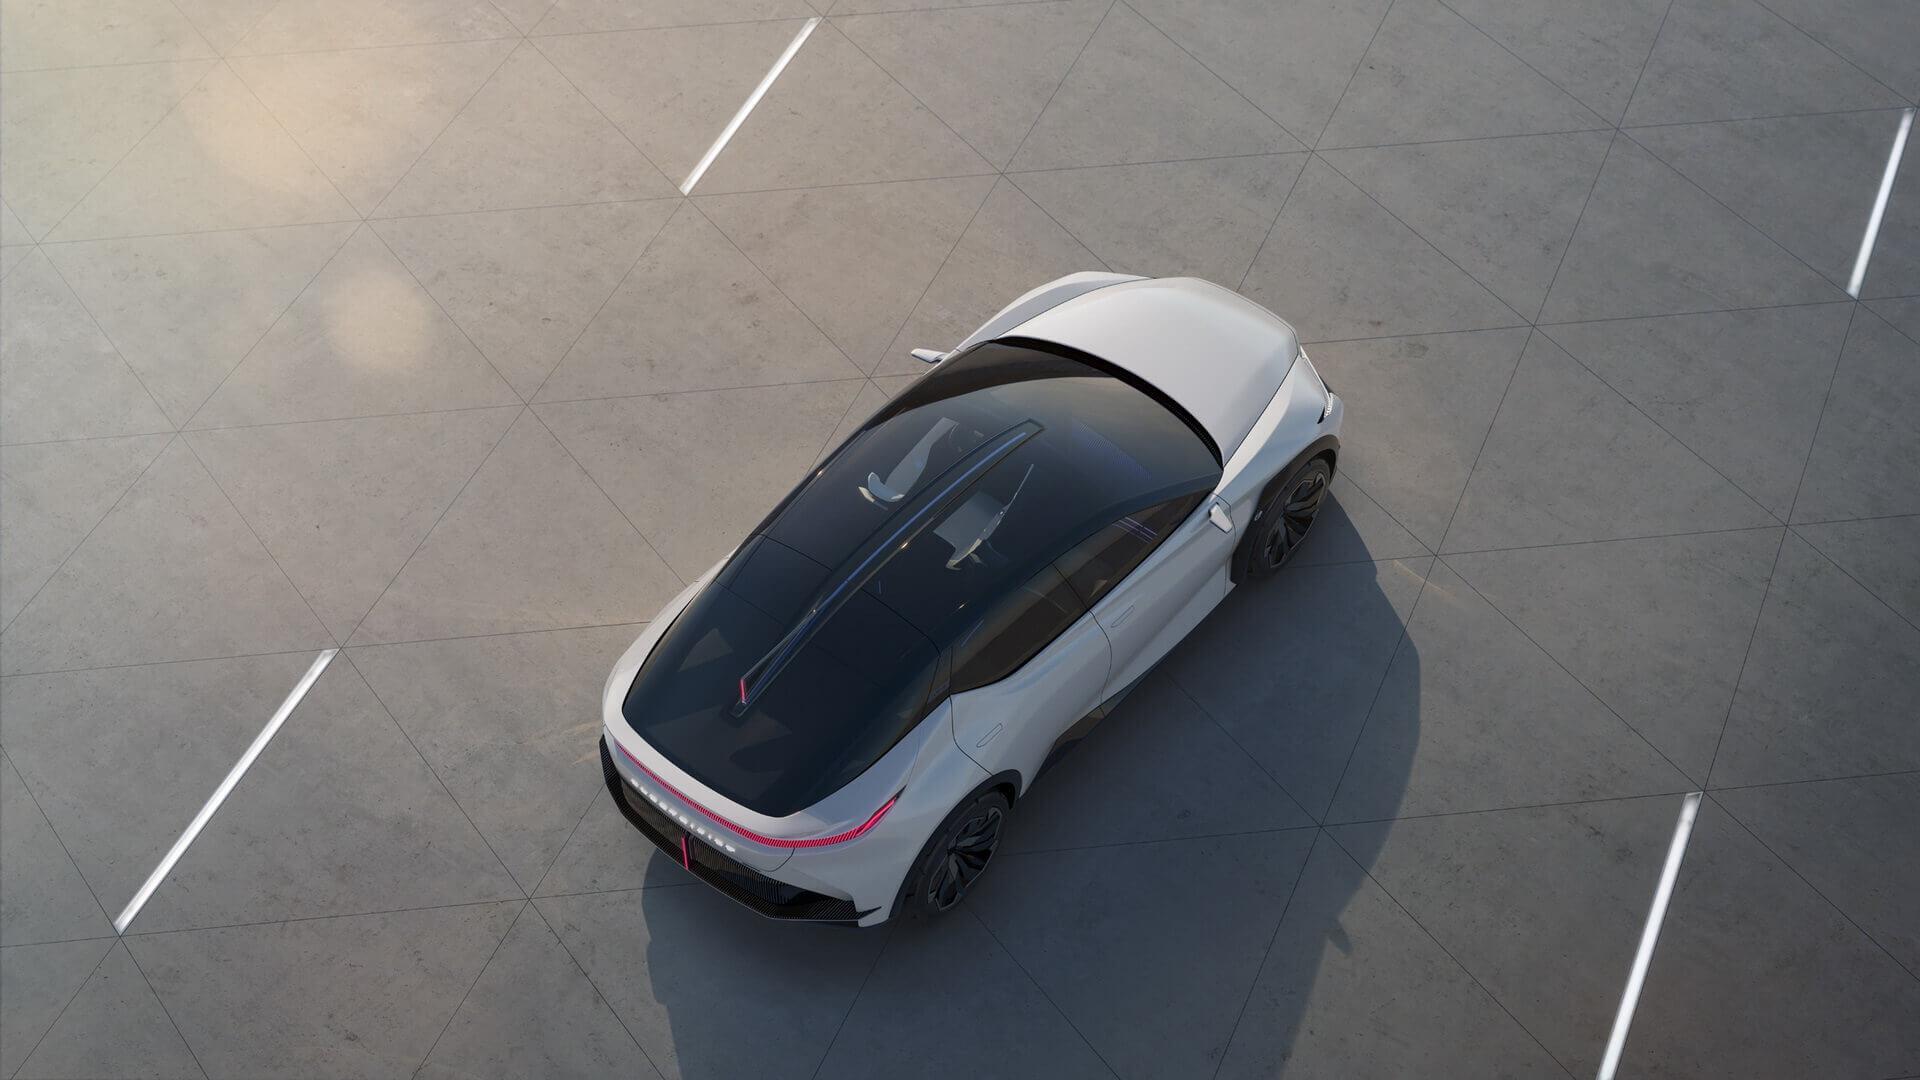 Lexus анонсирует направление дизайна будущих электромобилей сконцепцией «LF-Z Electrified»